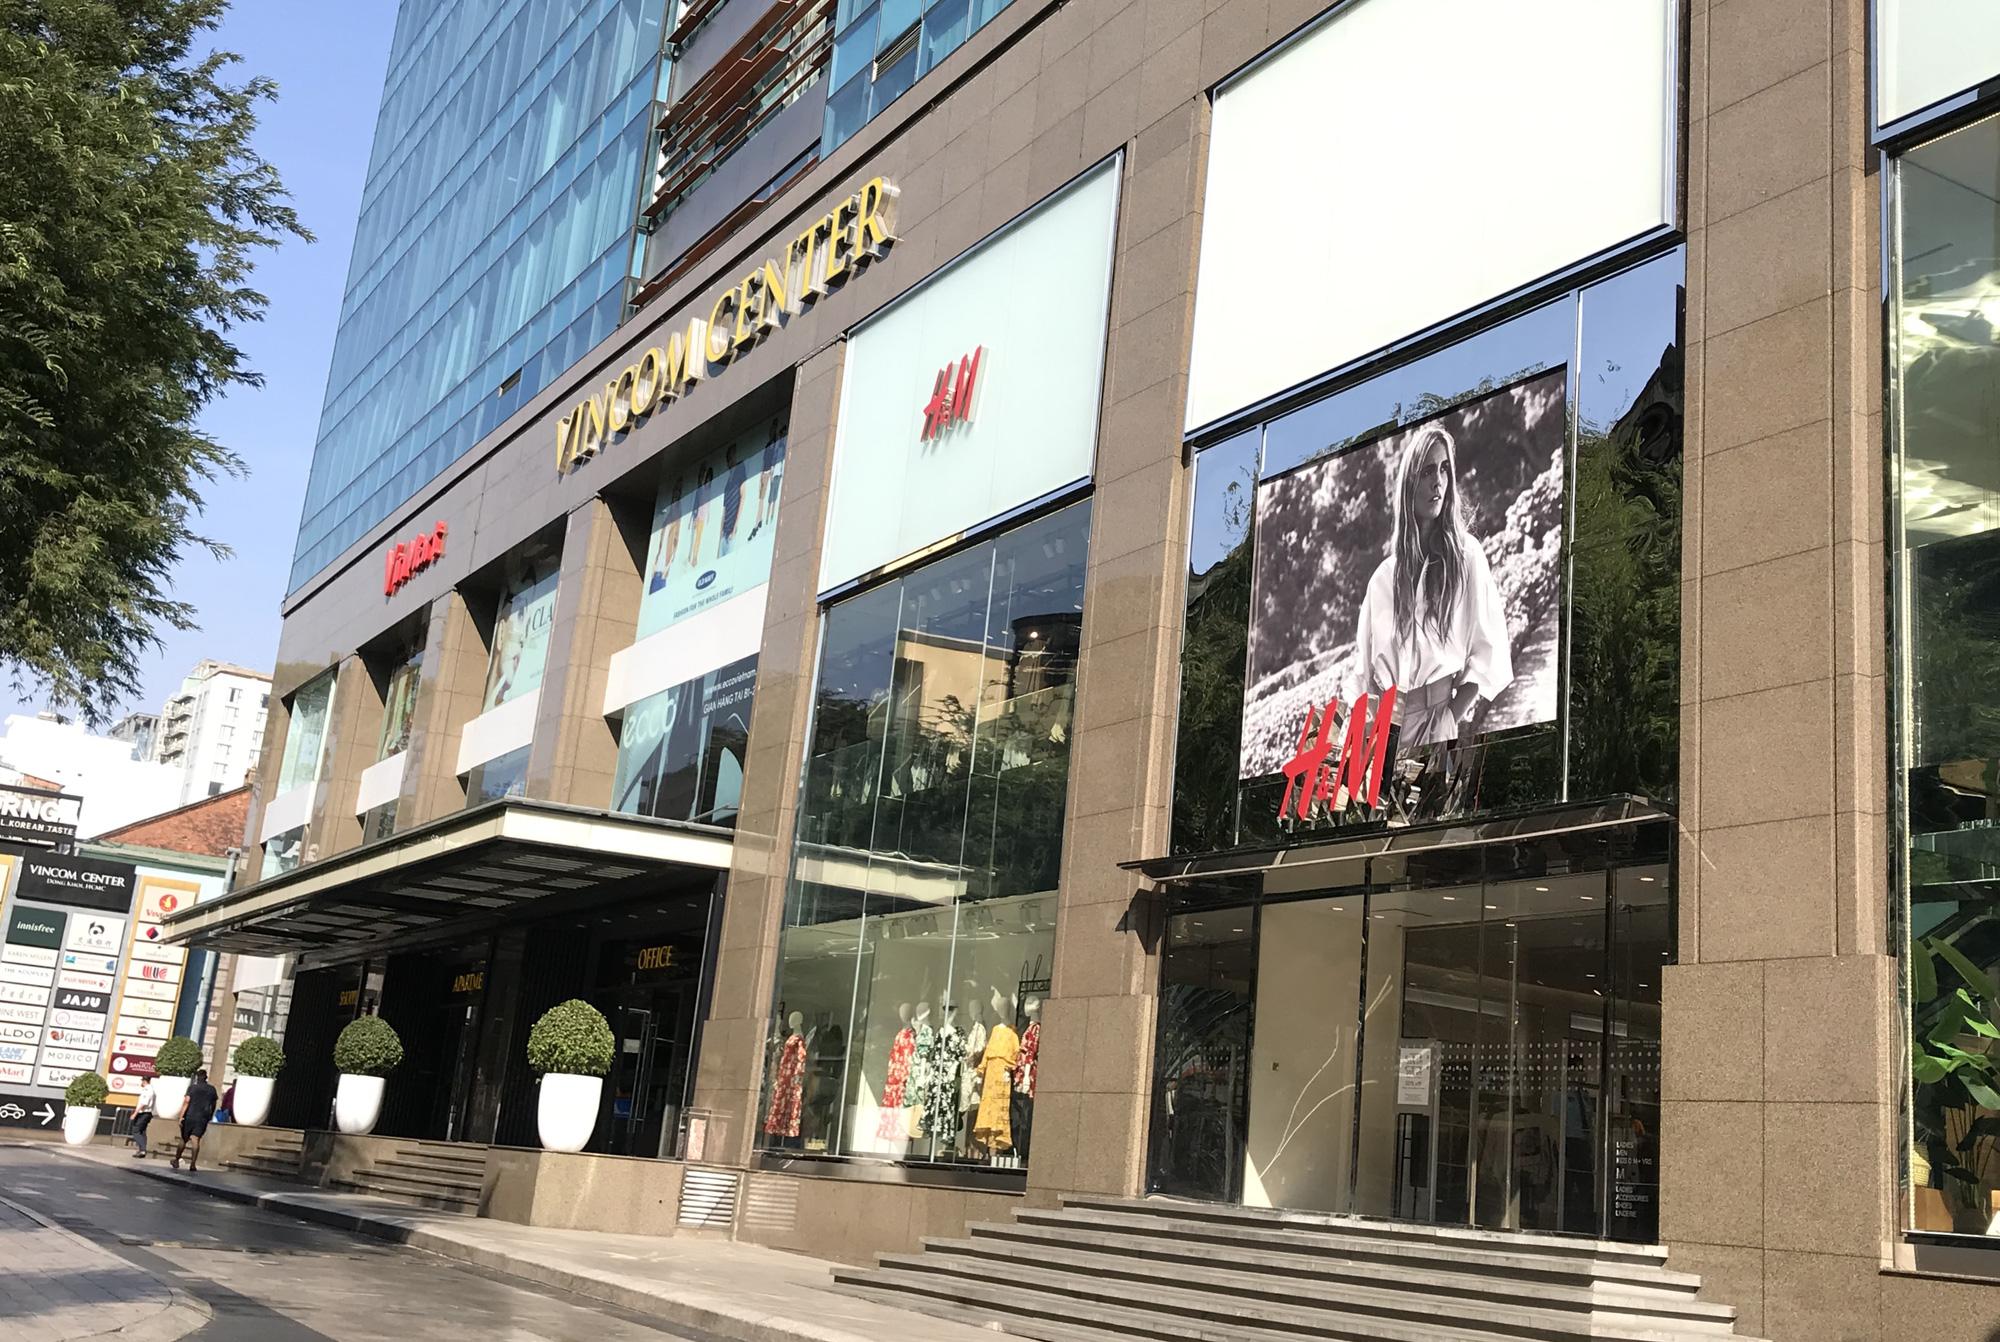 Cuối tuần, Vincom Đồng Khởi, Saigon Centre, Takashimaya vắng tanh vì nỗi lo dịch Covid-19 - Ảnh 2.